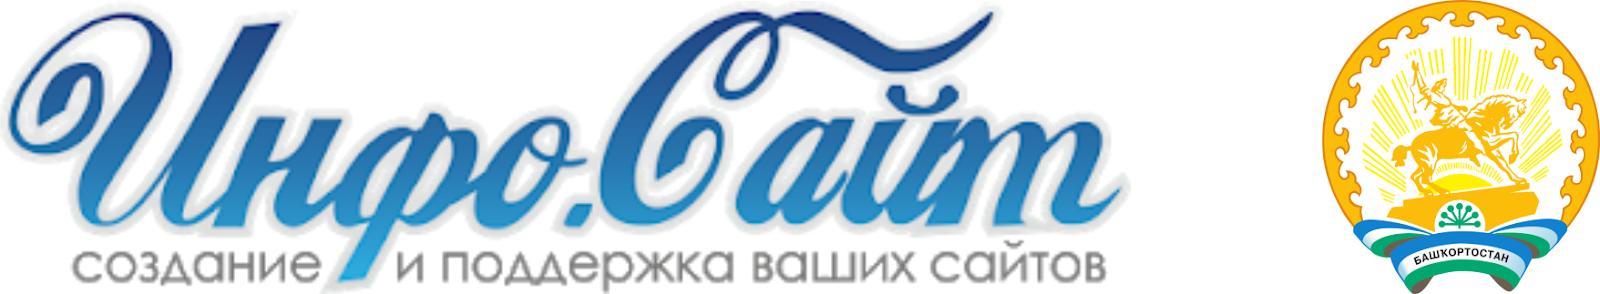 Башкортостан 🌍 Инфо-Сайт : Новости и объявления Башкортостана